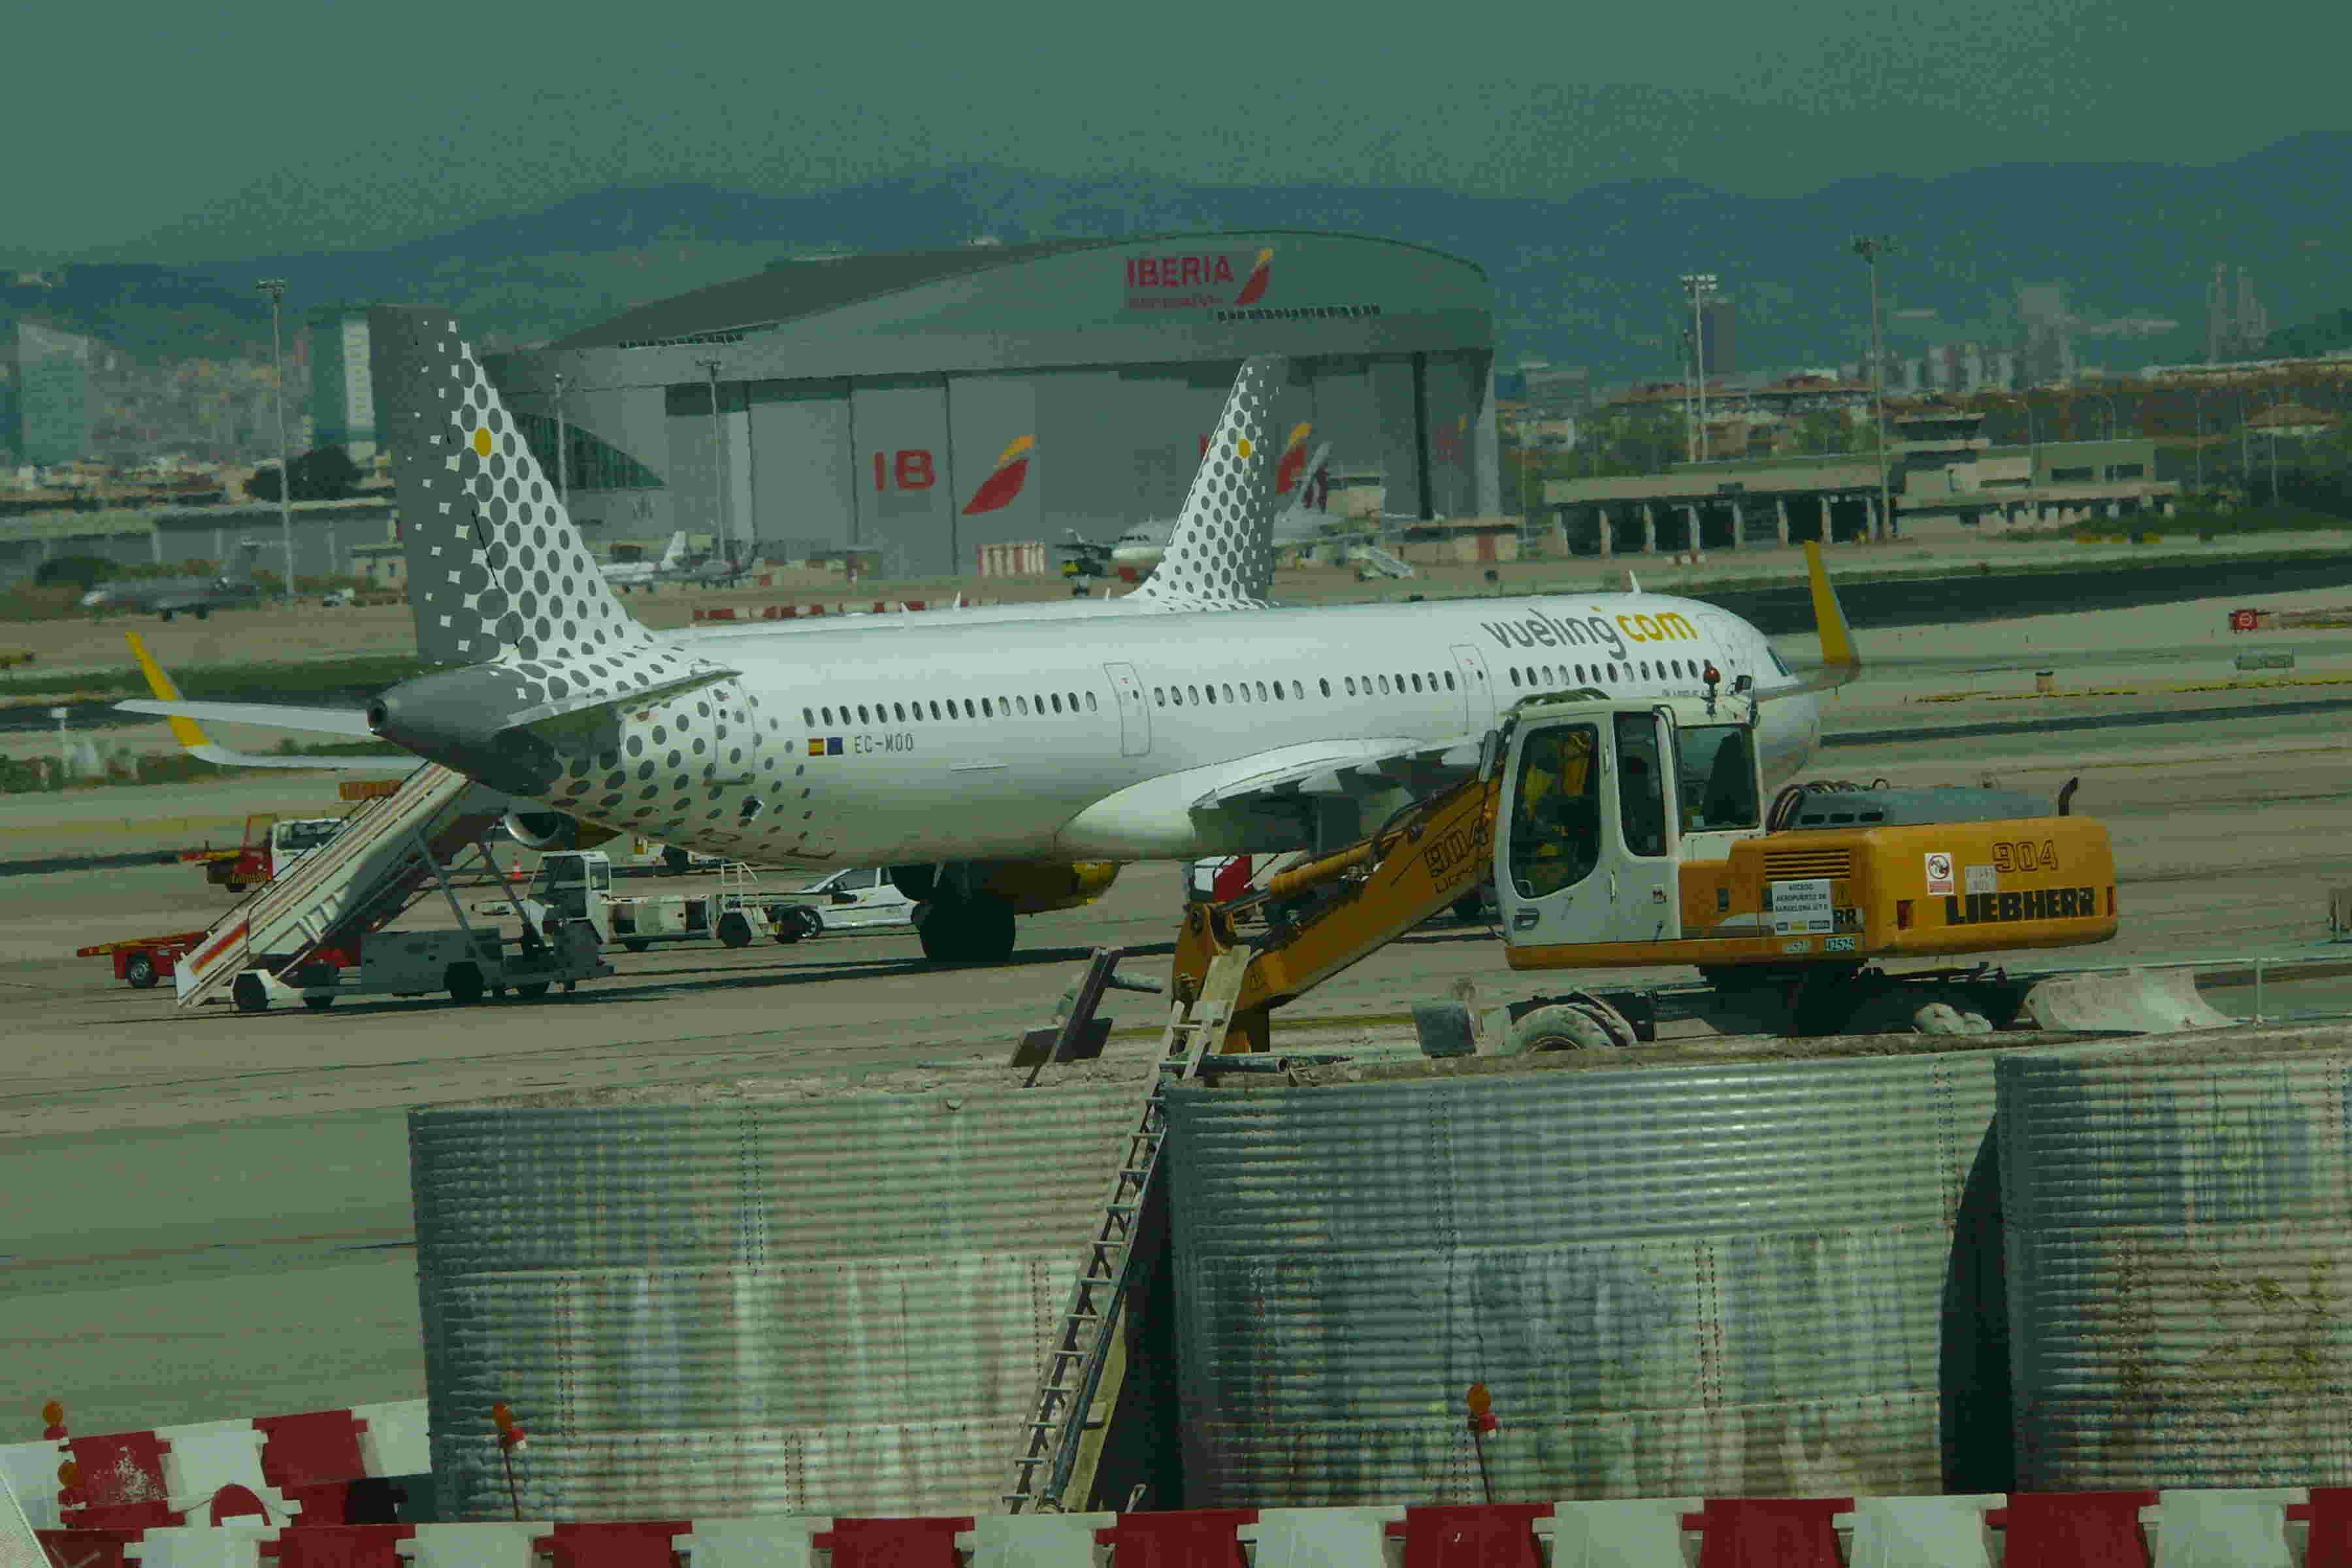 El Prat - Aeropuerto de Barcelona P1170317